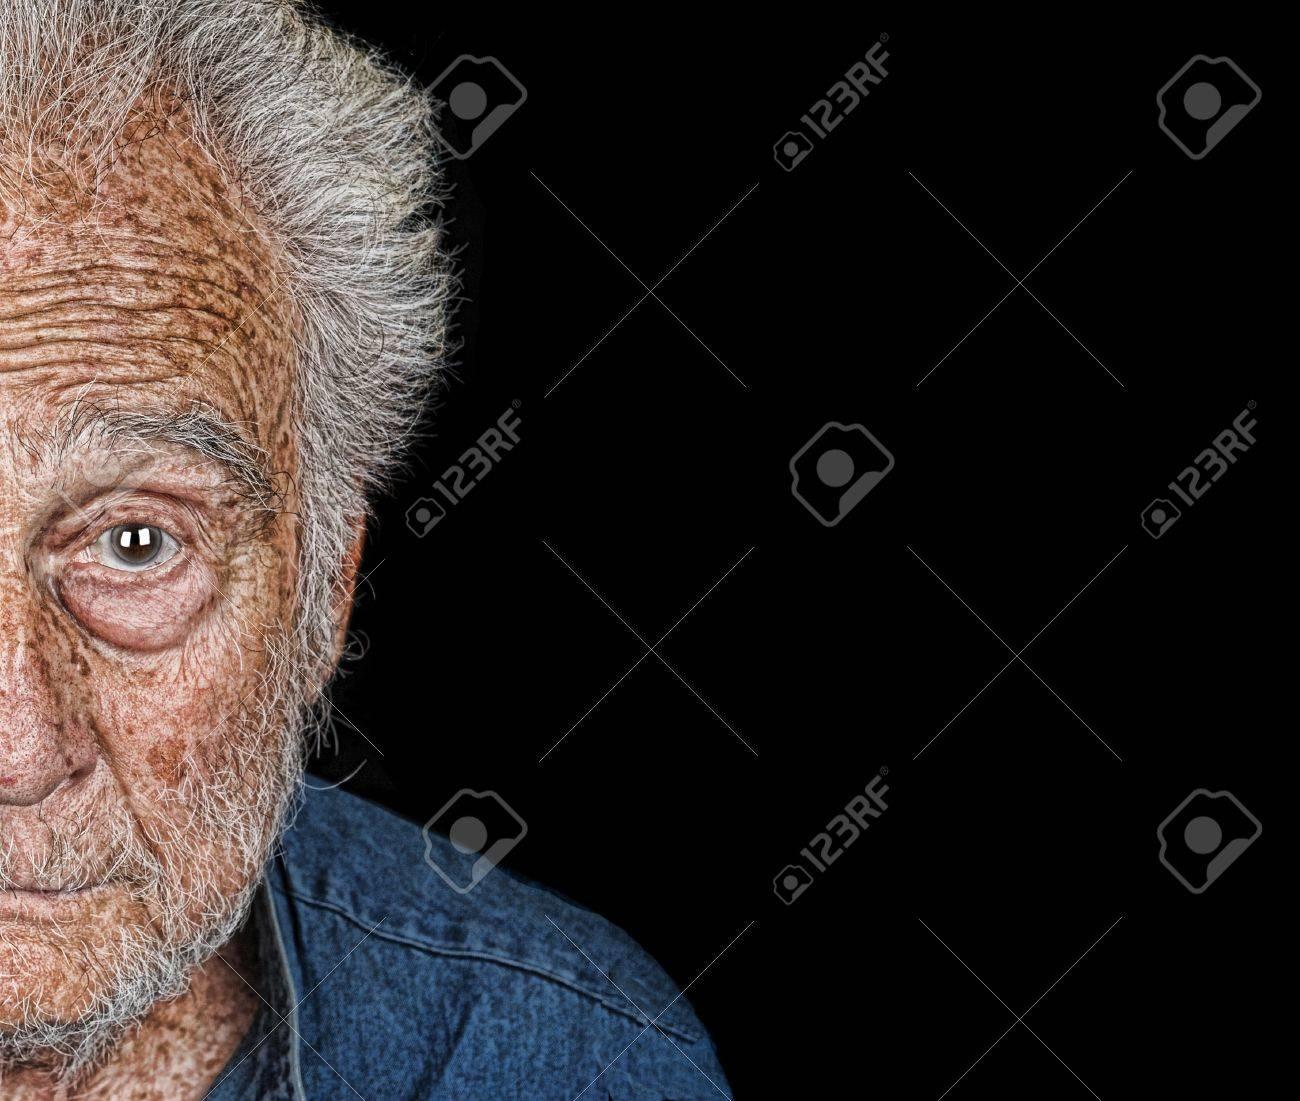 Nizza Nützlich Halbbild Von Einem Senior Mann Lizenzfreie Fotos ...